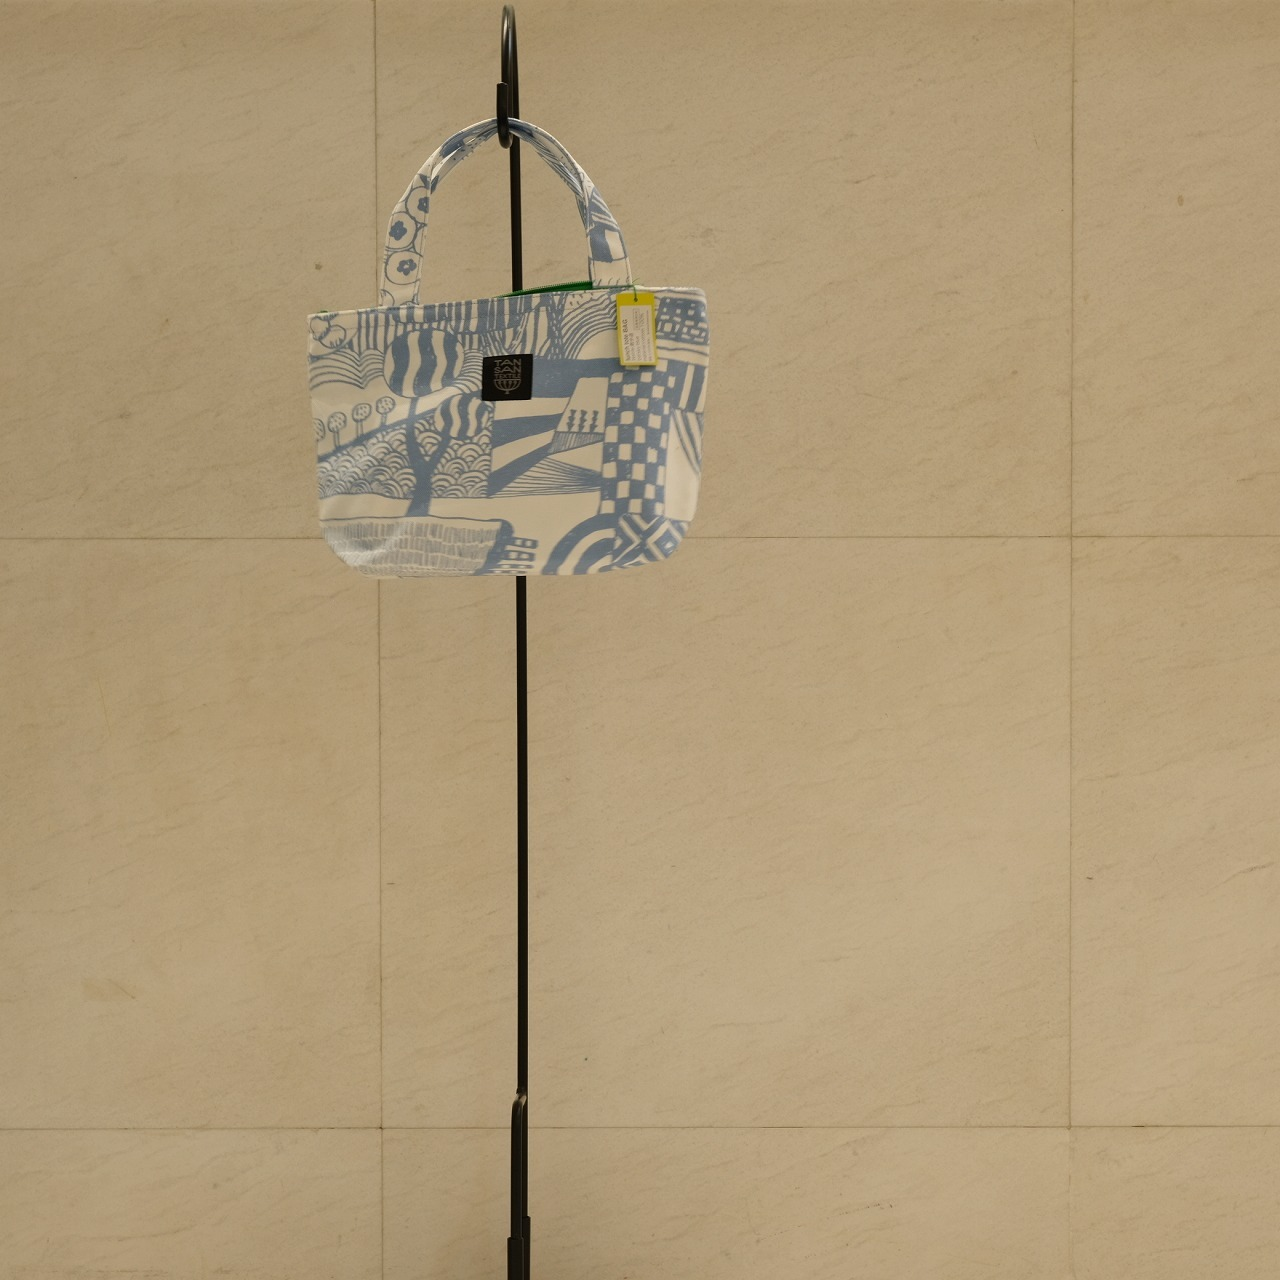 炭酸デザイン室 オンライン展示会 ランチトートバッグ_d0182409_17433576.jpg